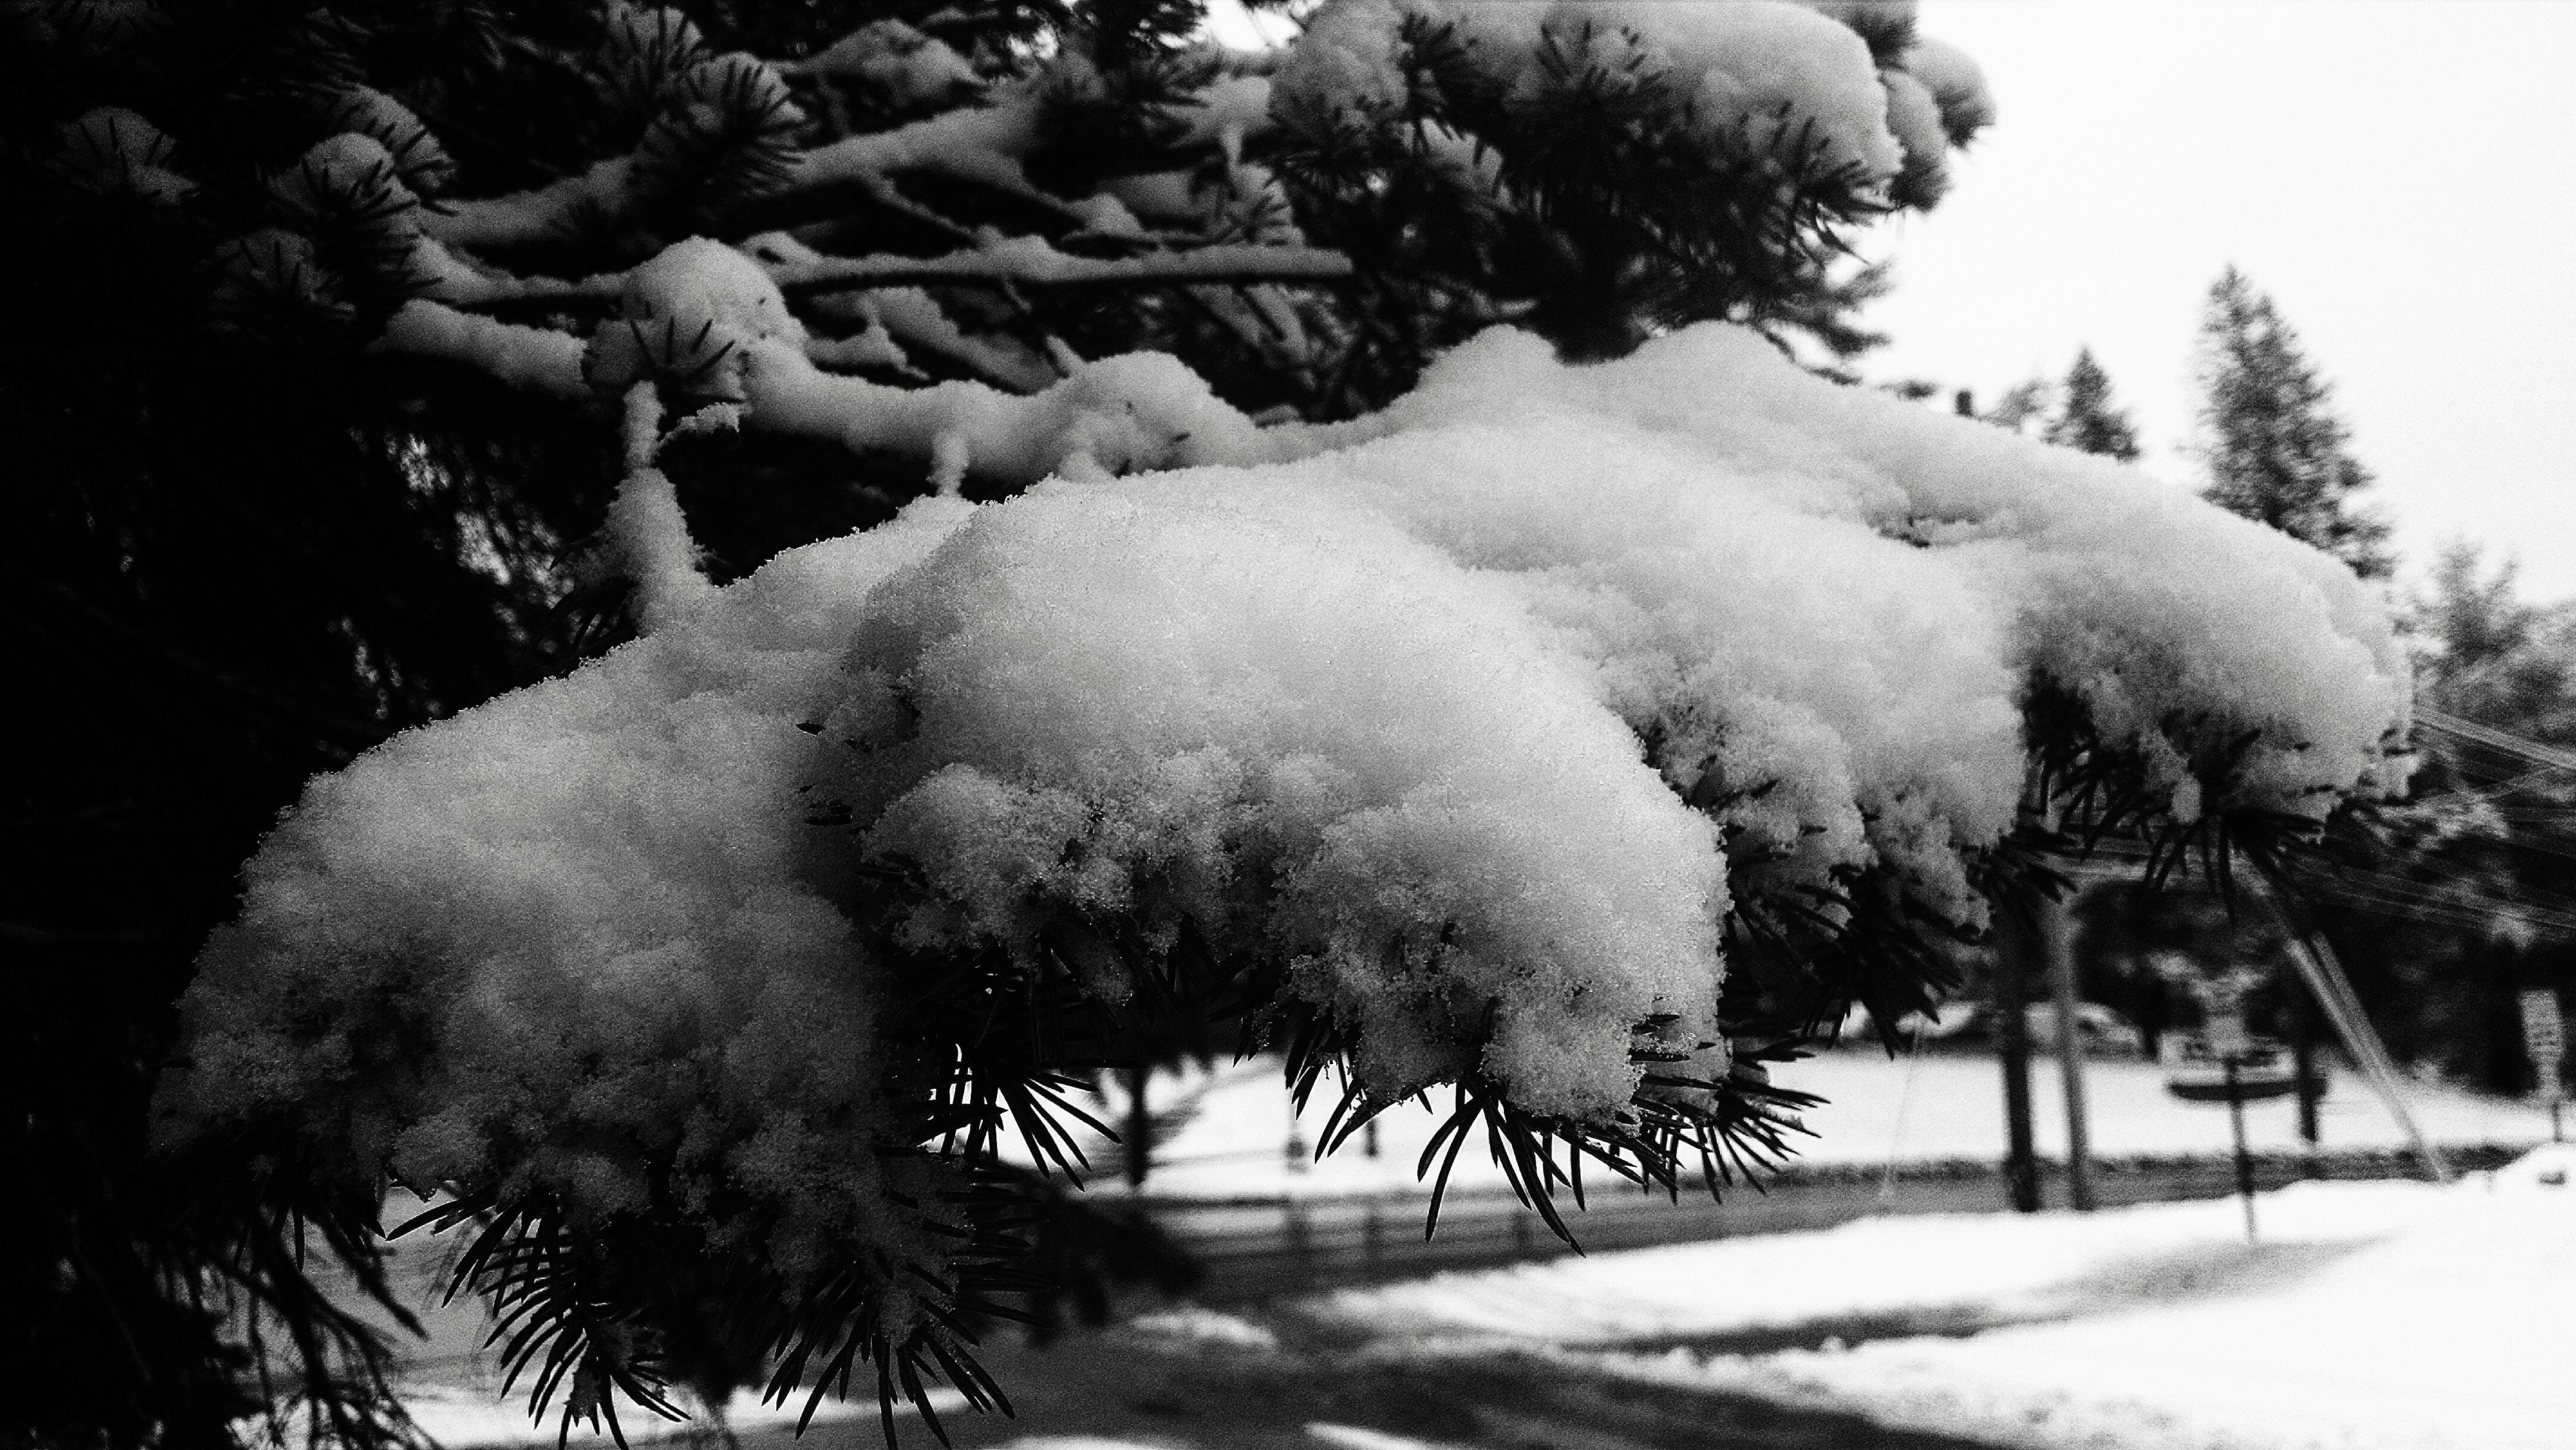 Free stock photo of snow, winter, spring, tree